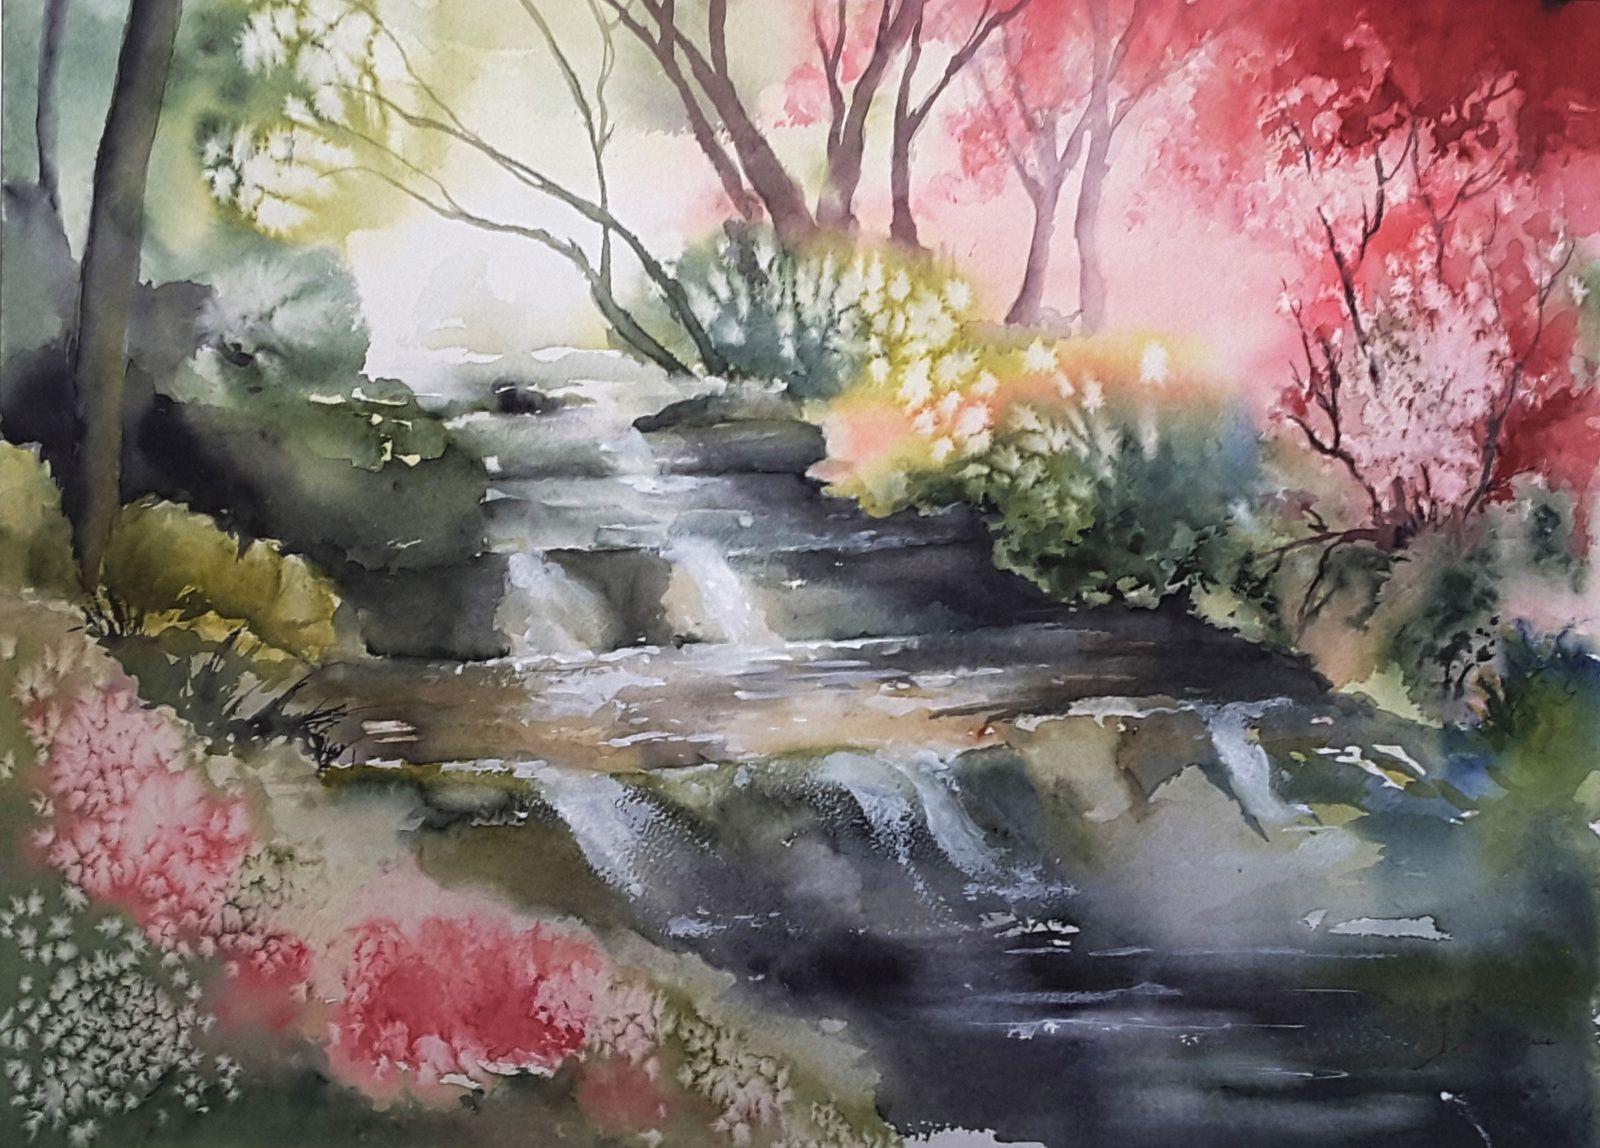 274 Juste Le Bruit De L Eau Qui Coule Mes Aquarelles Over Blog Com Paysage Le Chant Des Oiseaux Peinture